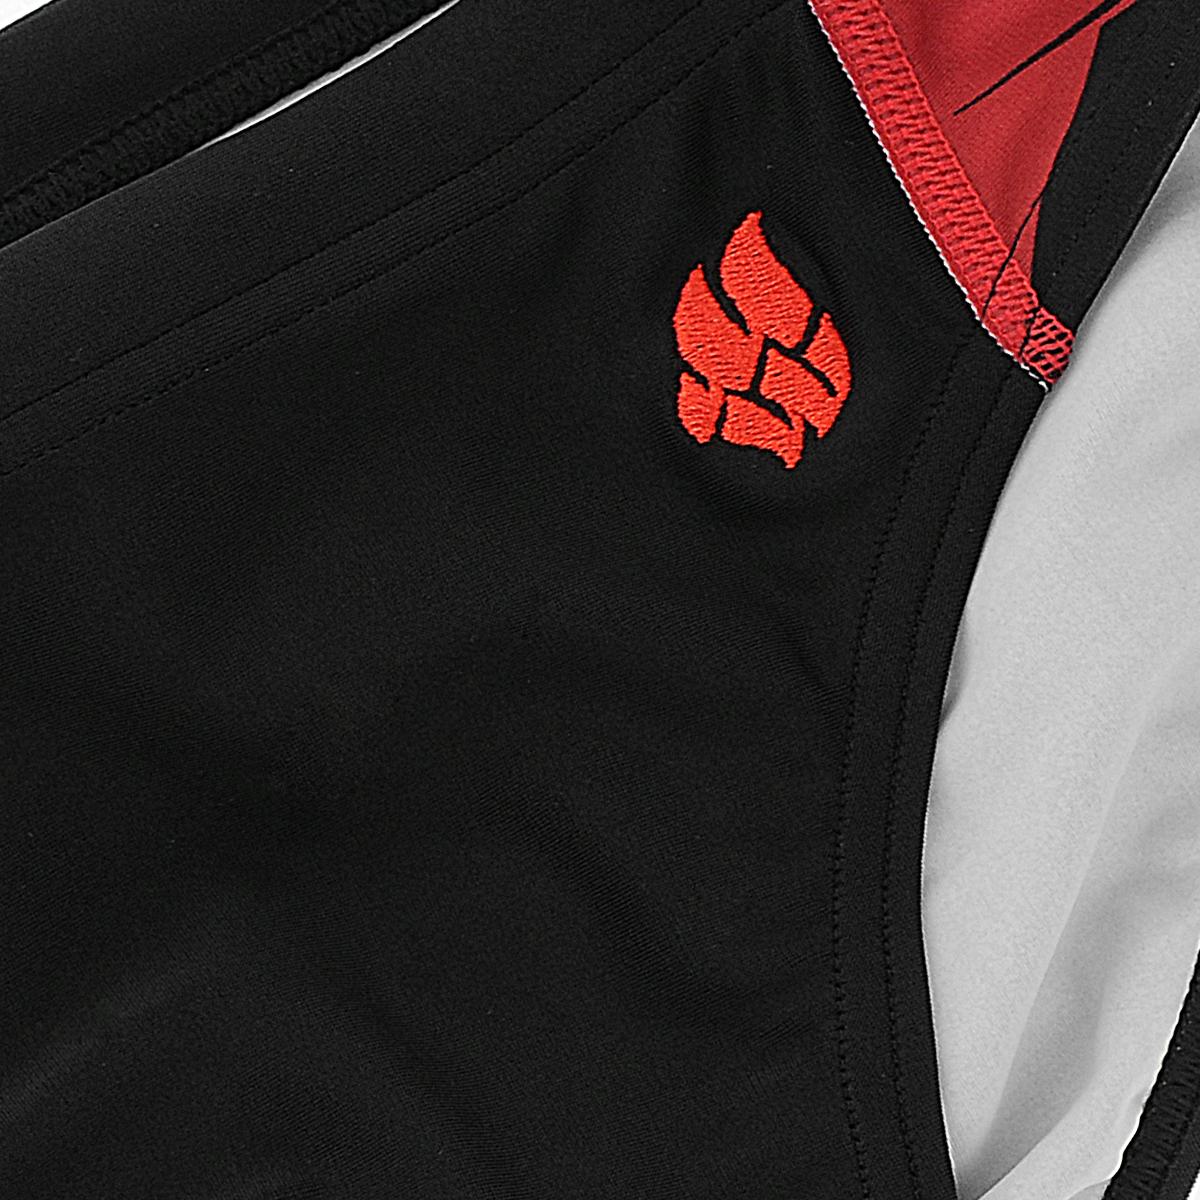 Плавки мужские MadWave Harrier, цвет: черный, красный. M0212 10 4 N3W. Размер S (46)